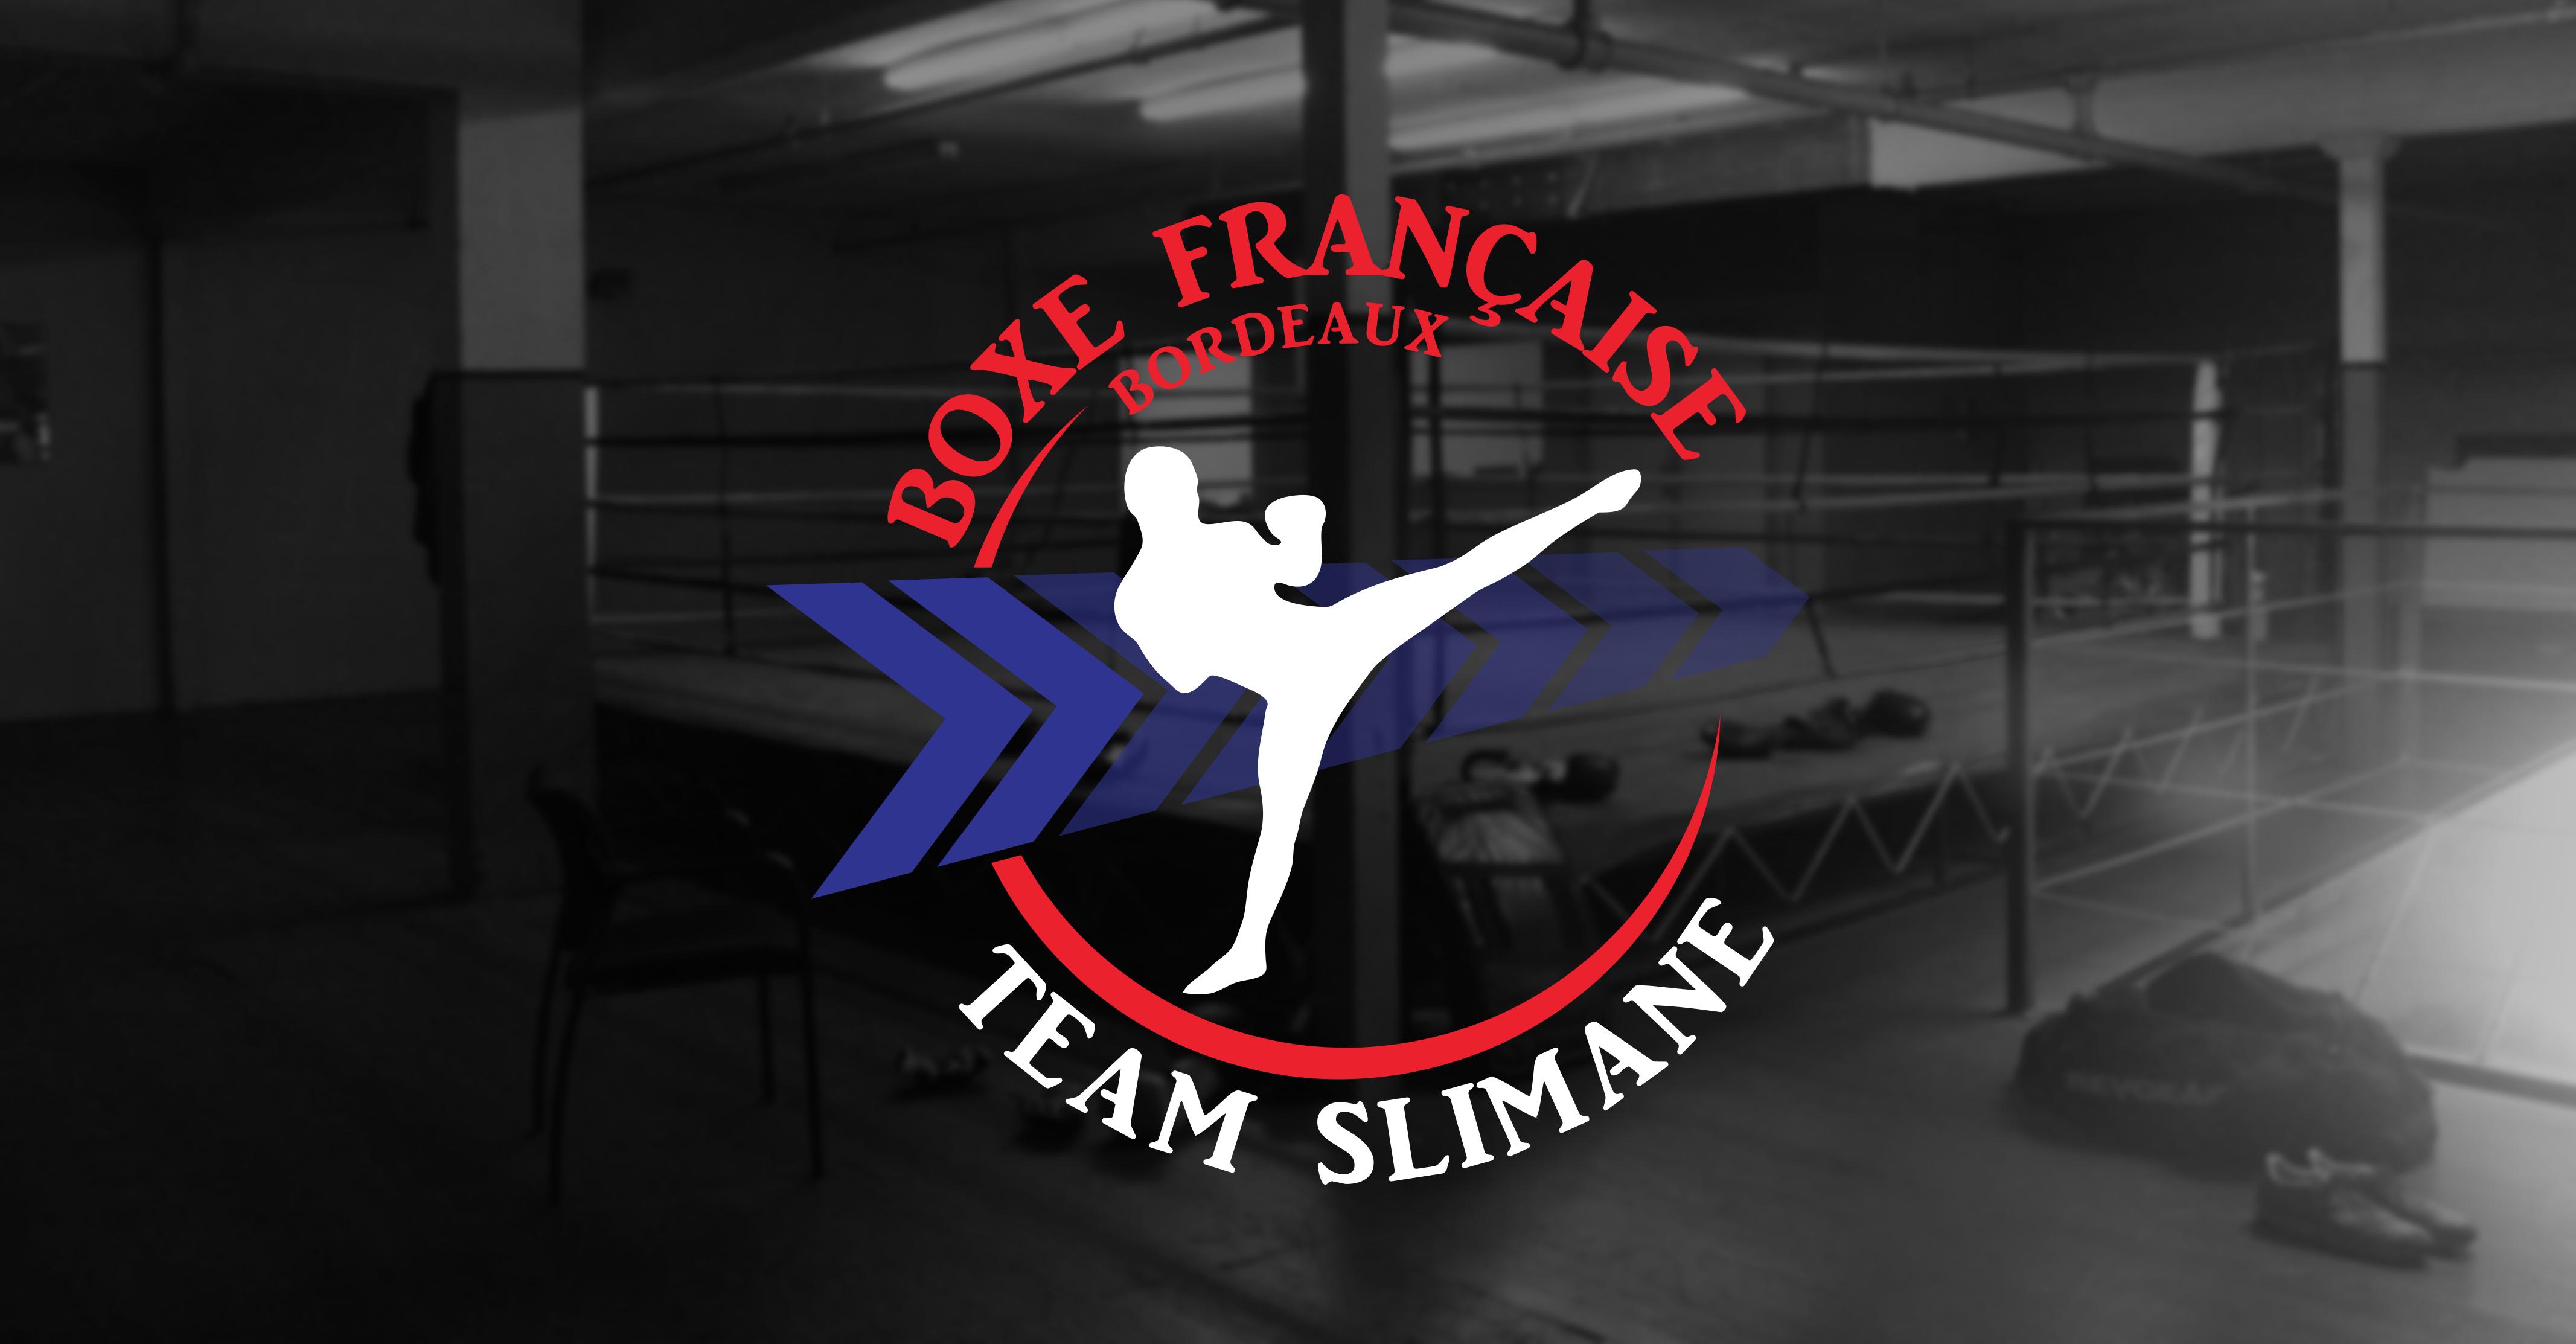 Logo Team Slimane Bordeaux